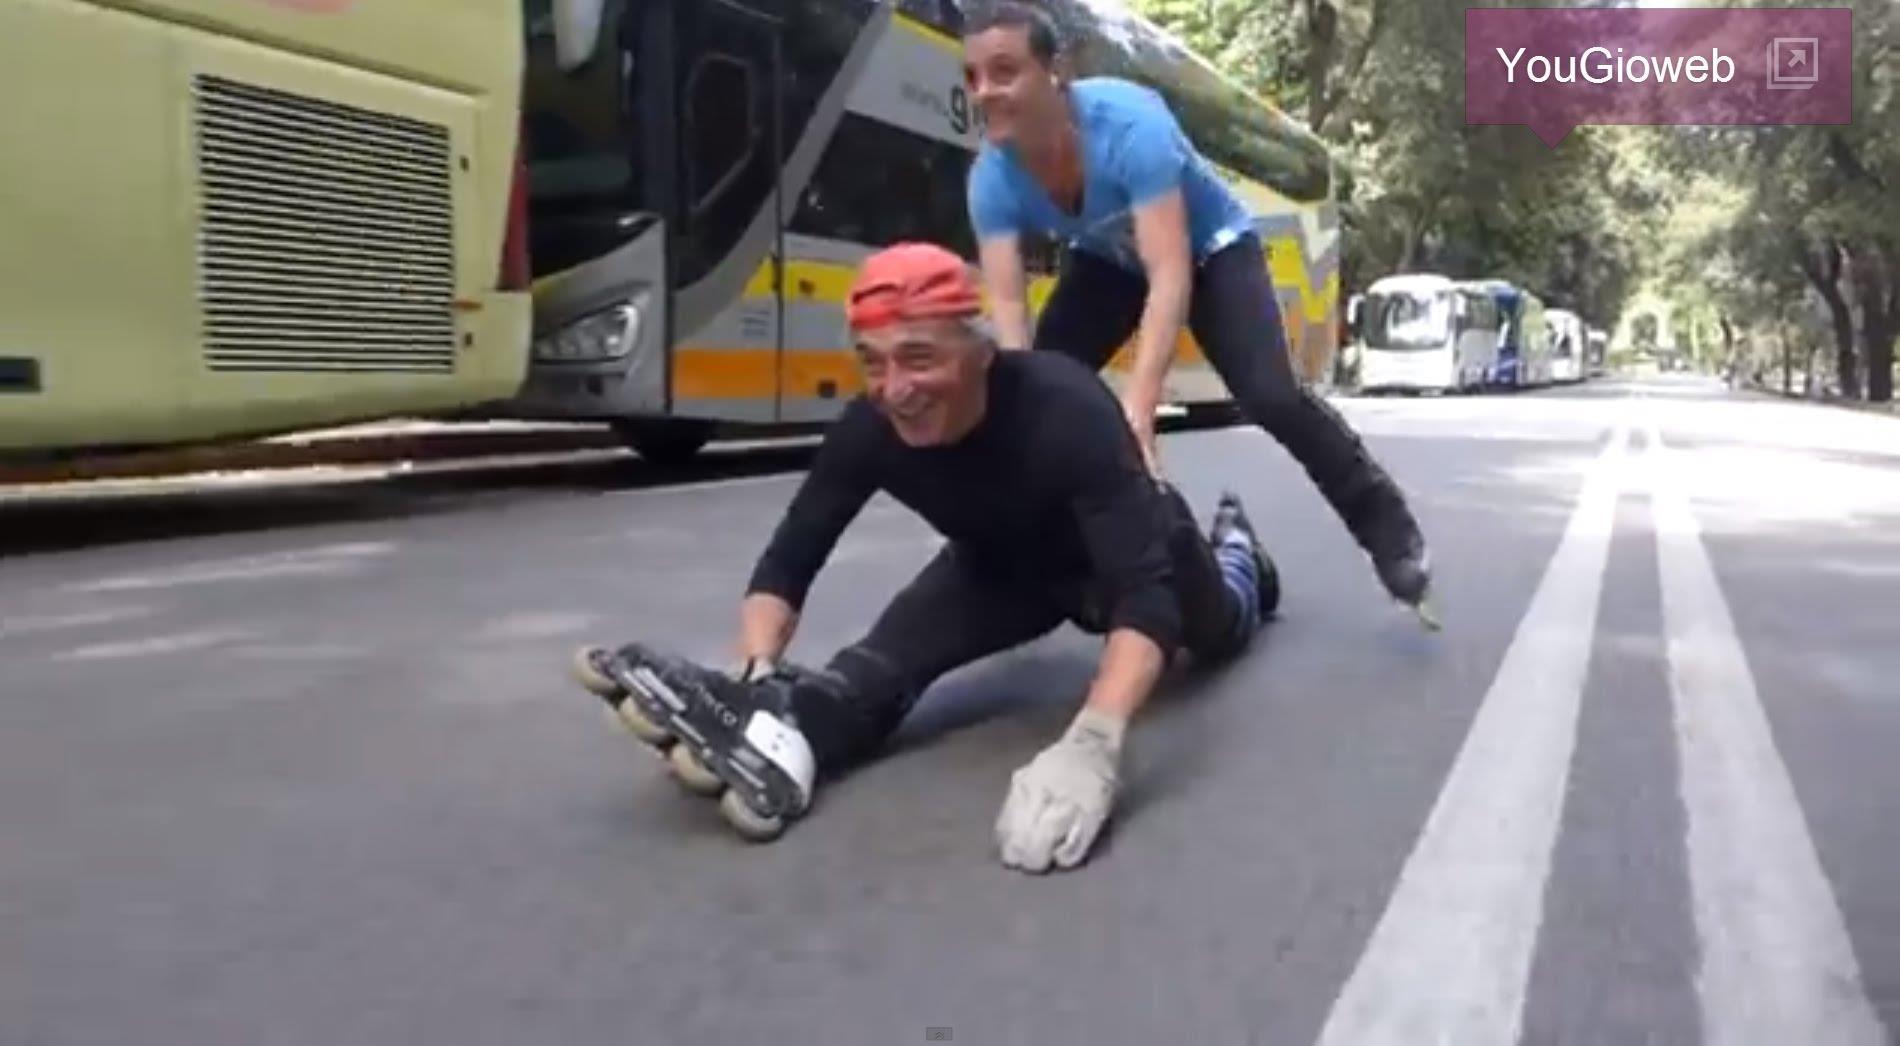 Franco Pulicati – ROMA (Pincio) 1 km in spaccata con i roller inline